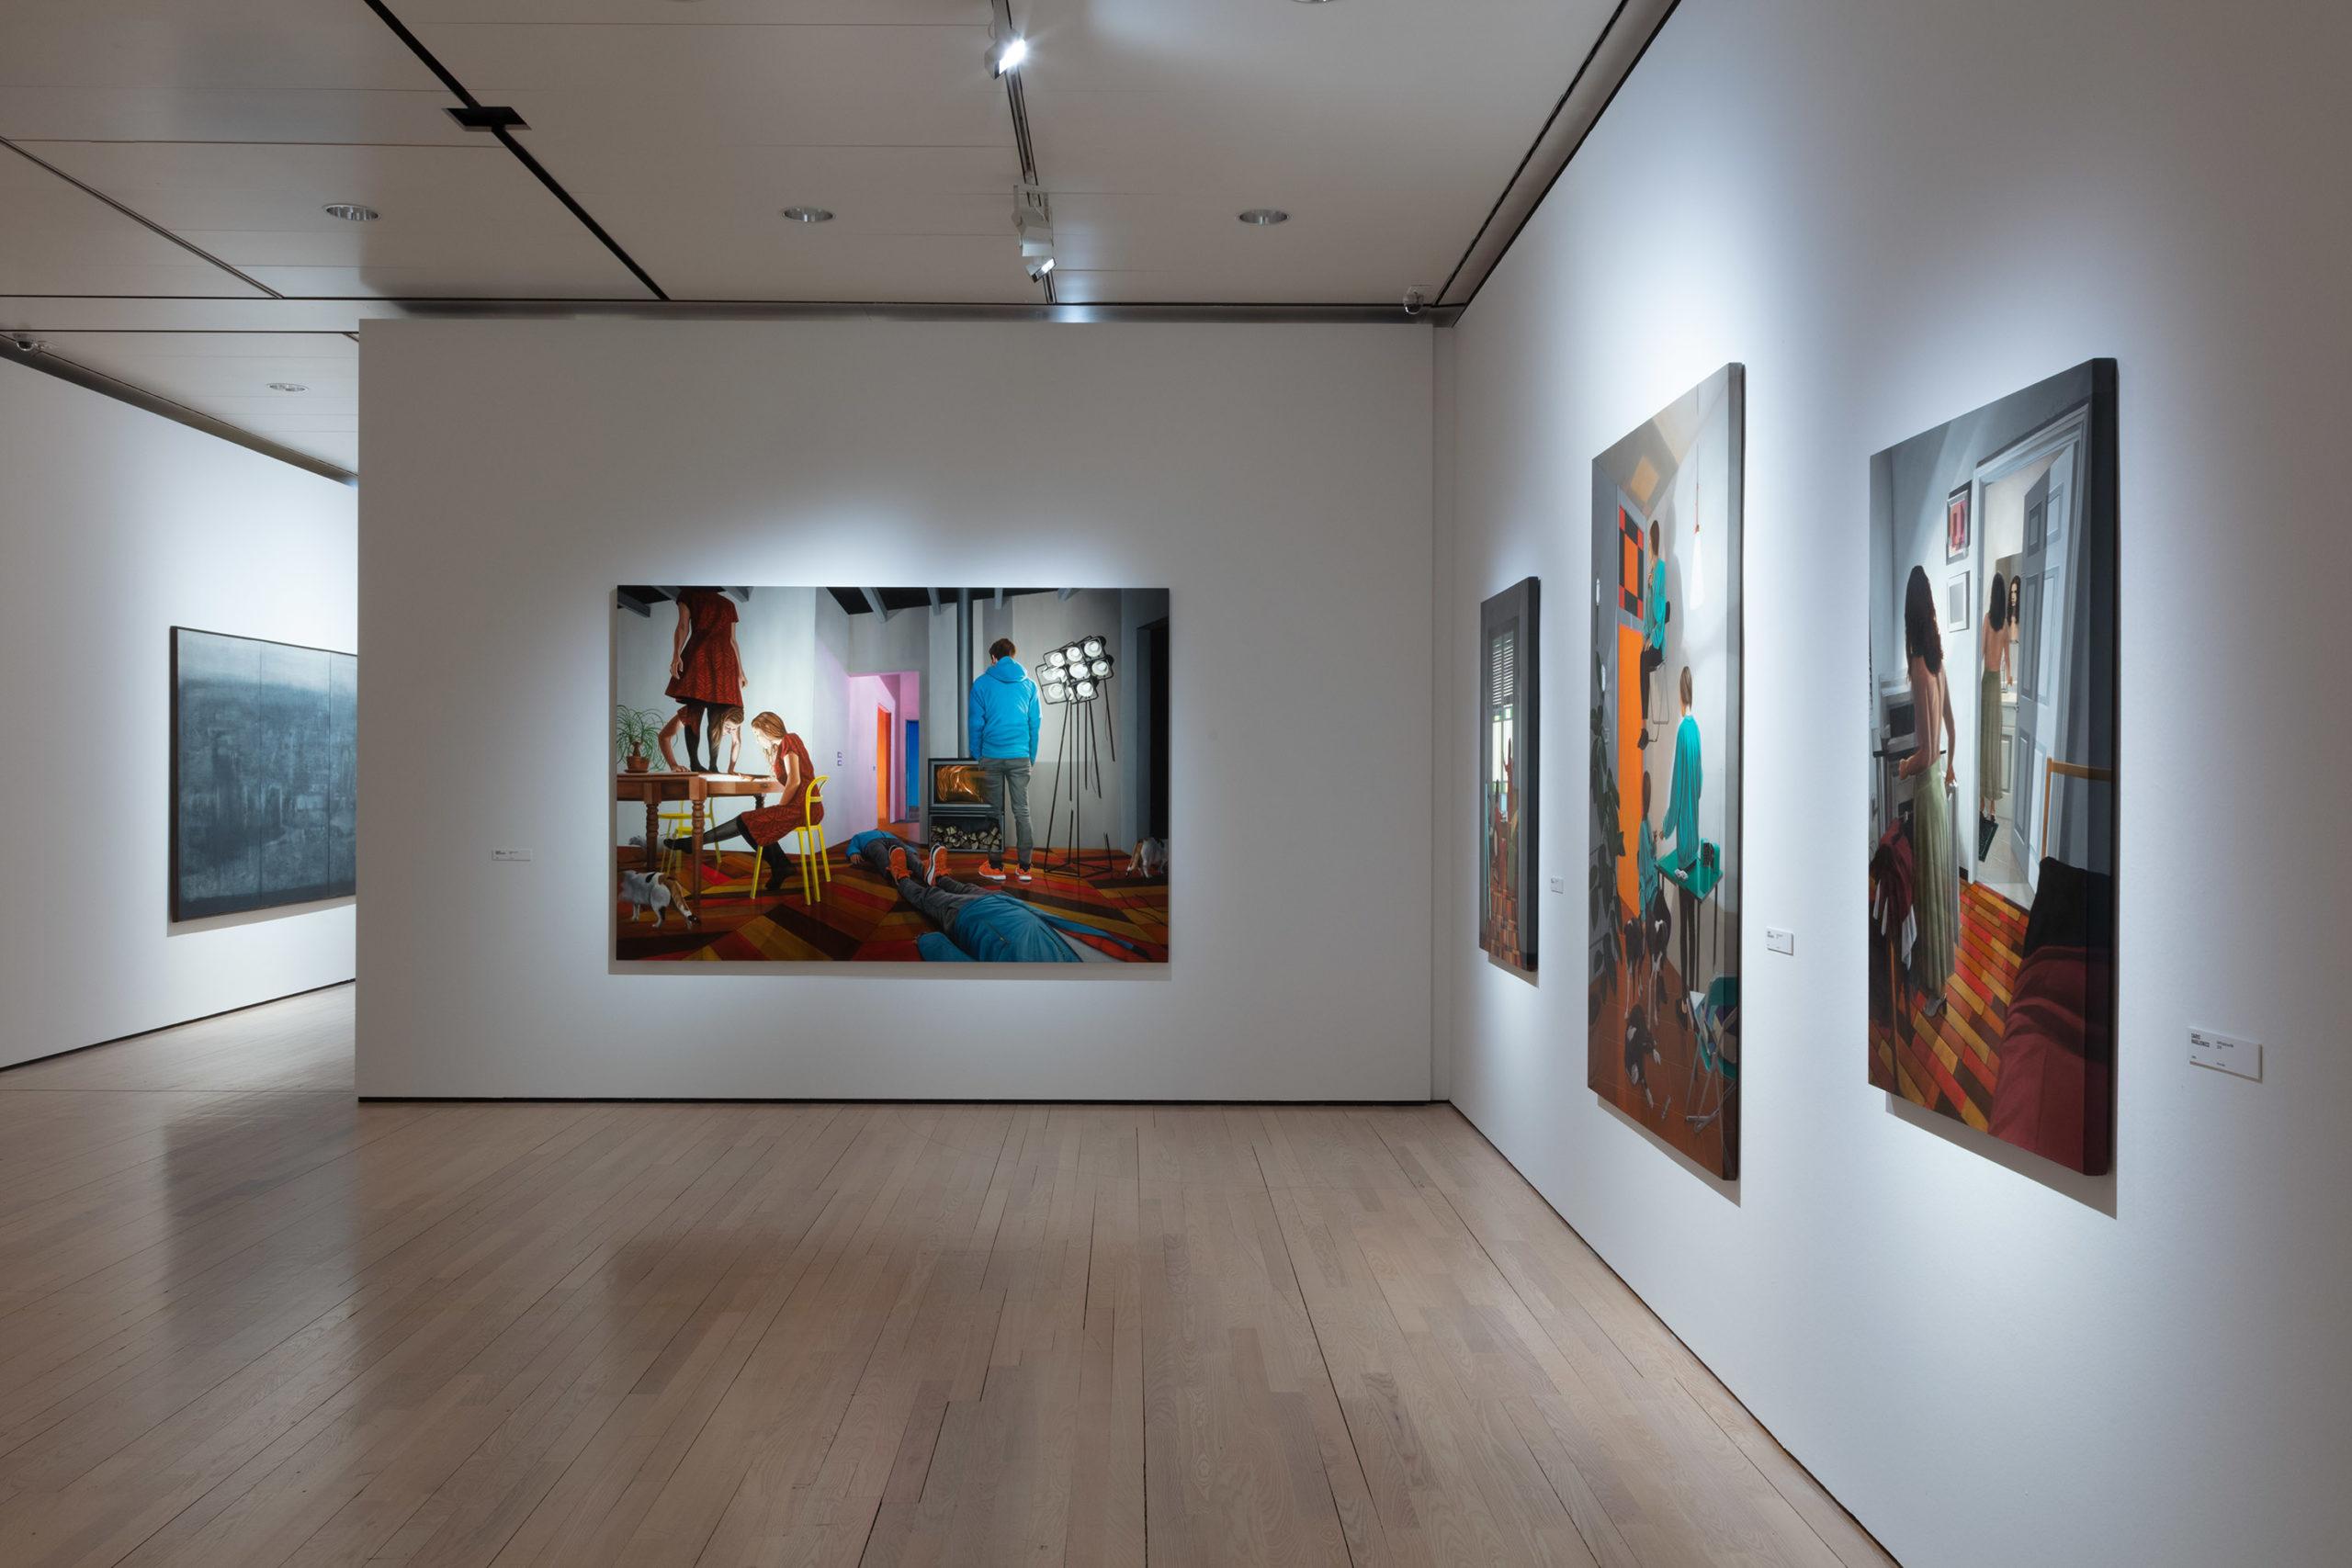 PASSIONE 12, VIII Edizione Premio Fondazione VAF, MART, Museo di arte moderna e contemporanea di Trento e Rovereto, IT.  © Nassiri